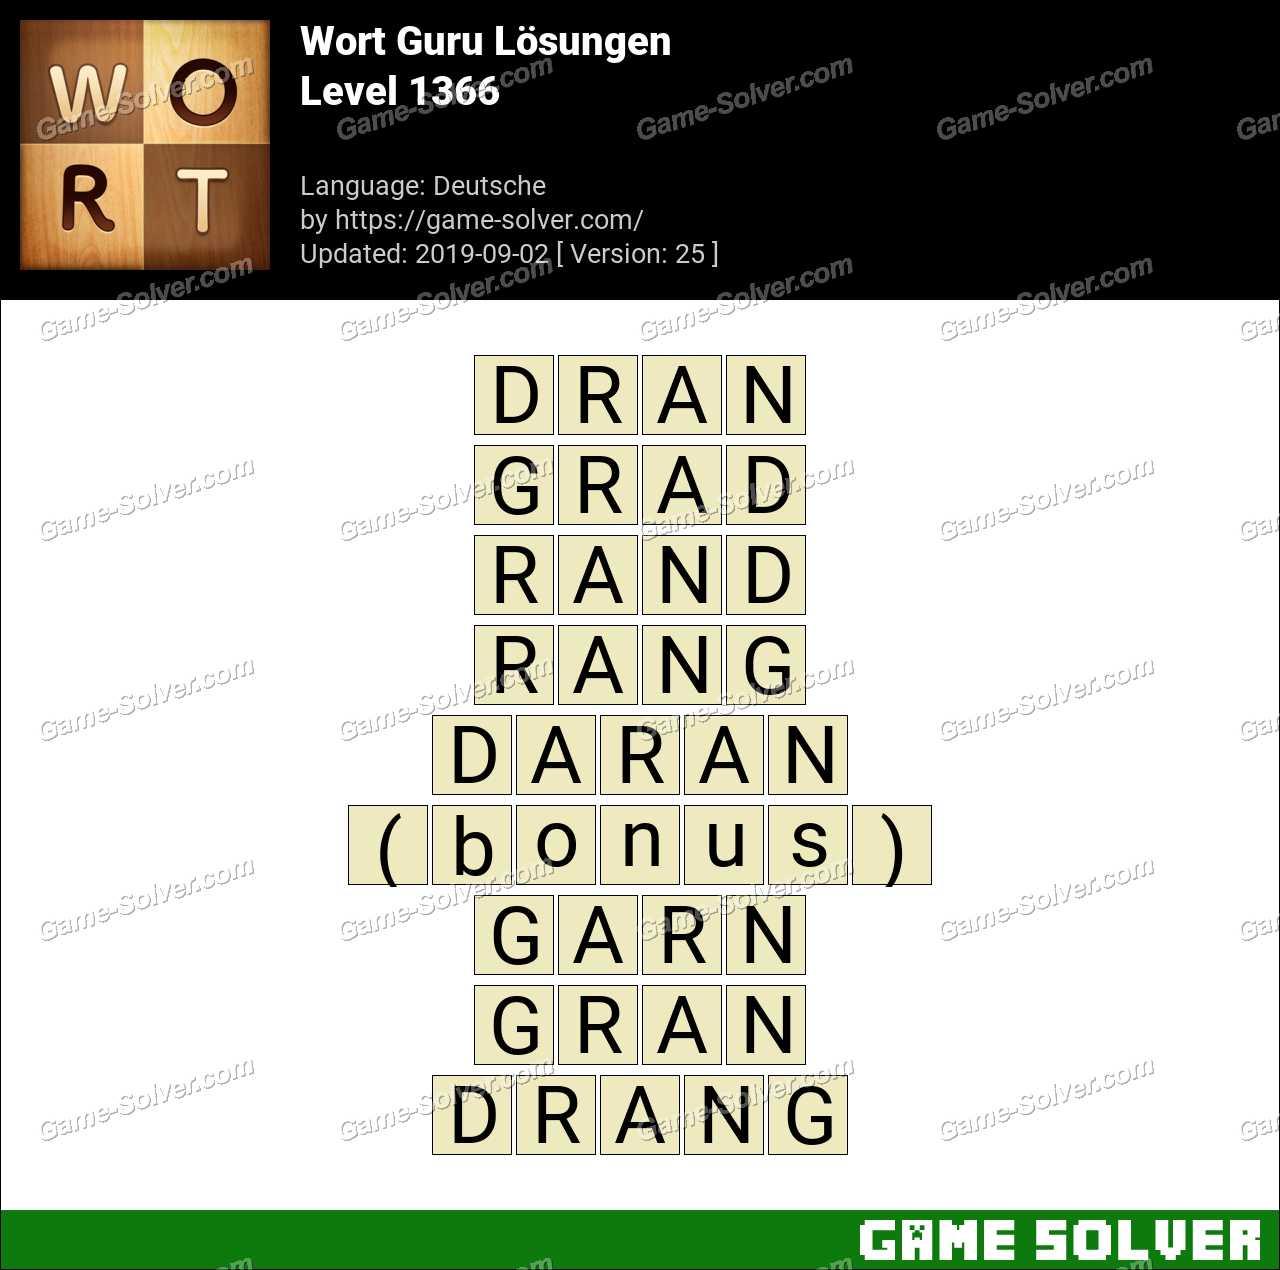 Wort Guru Level 1366 Lösungen